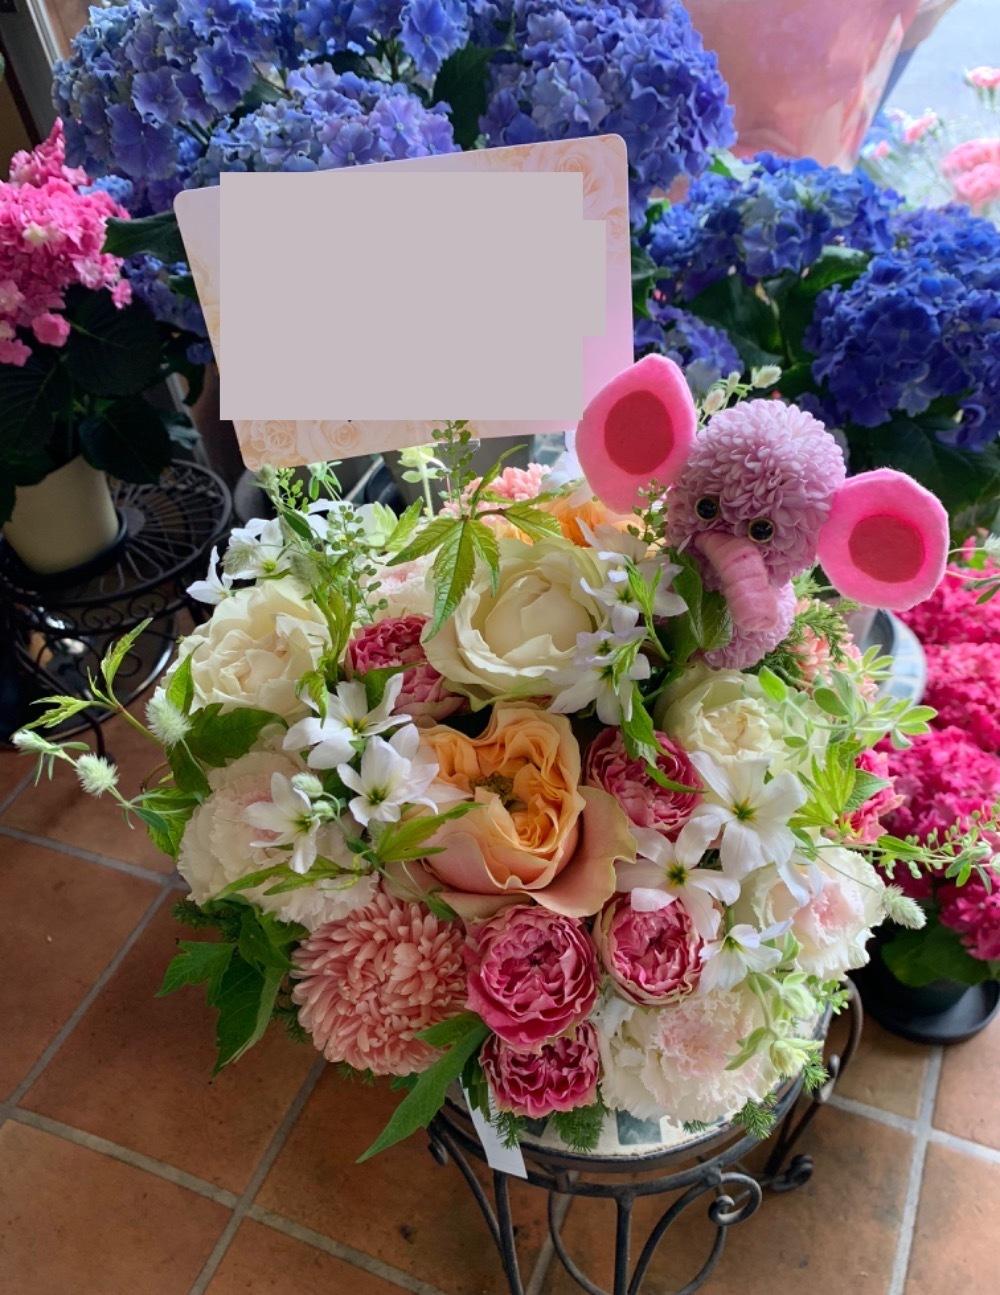 「友達の新しい門出を応援したい」ご開業祝い花